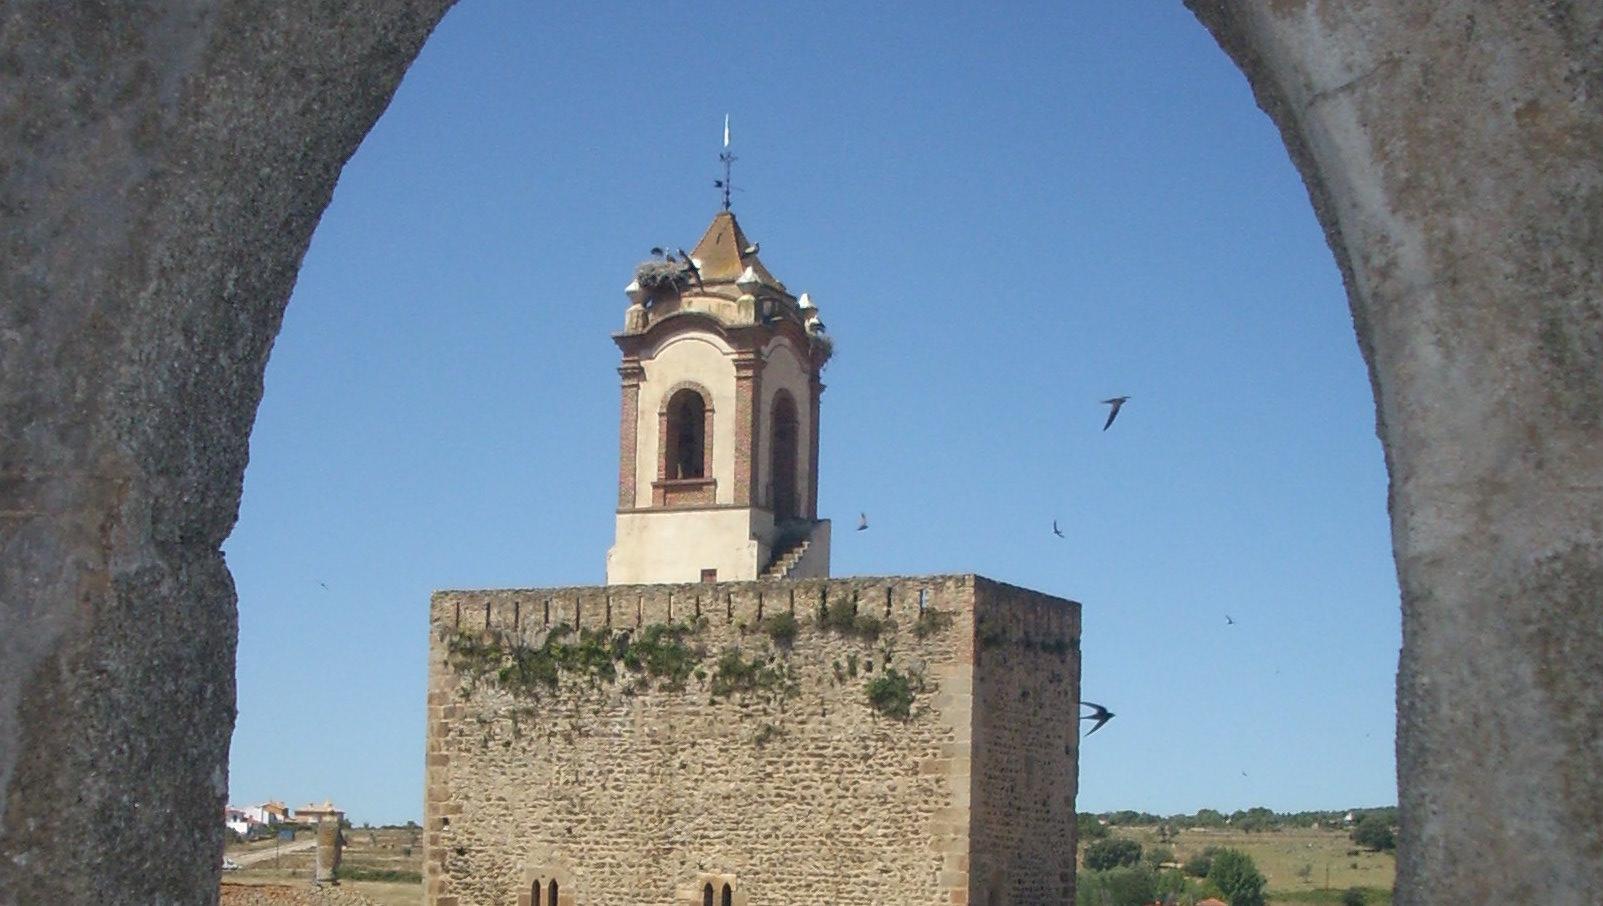 Castle de fregenal